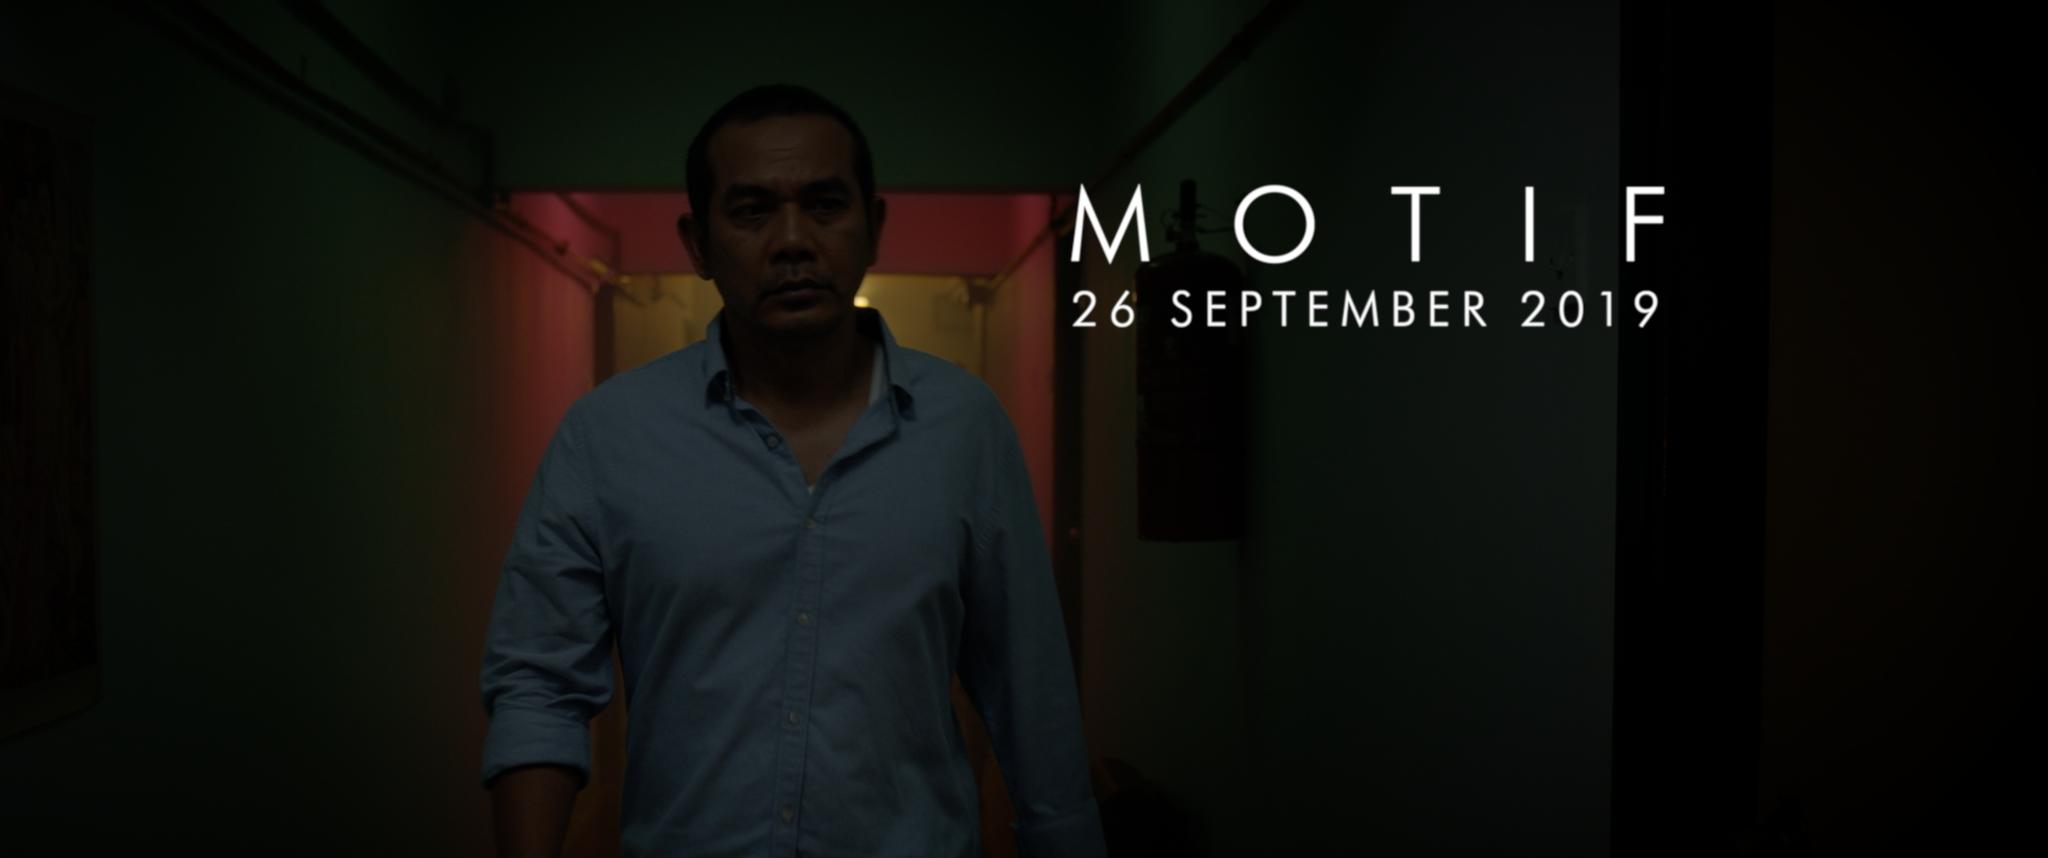 MOTFI Banner 2.png